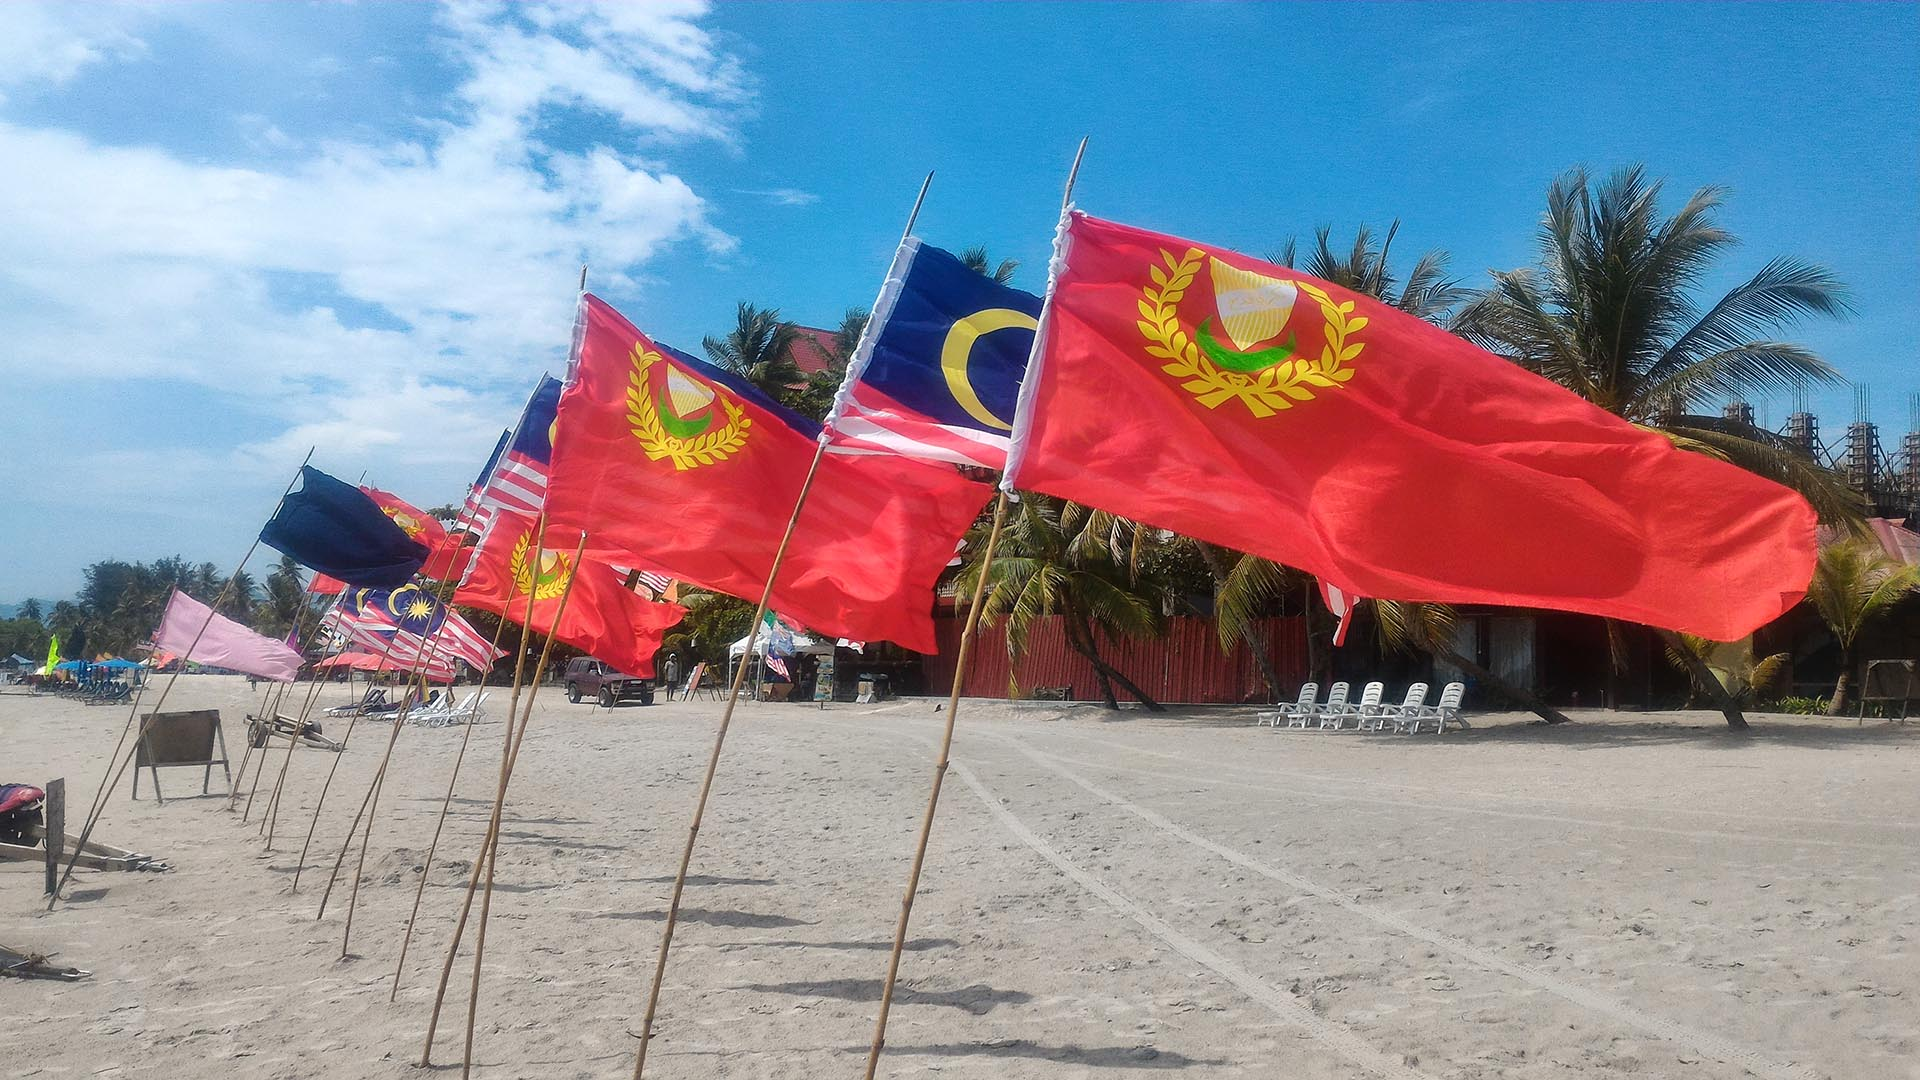 Malezya ve Kedah eyaleti bayrakları